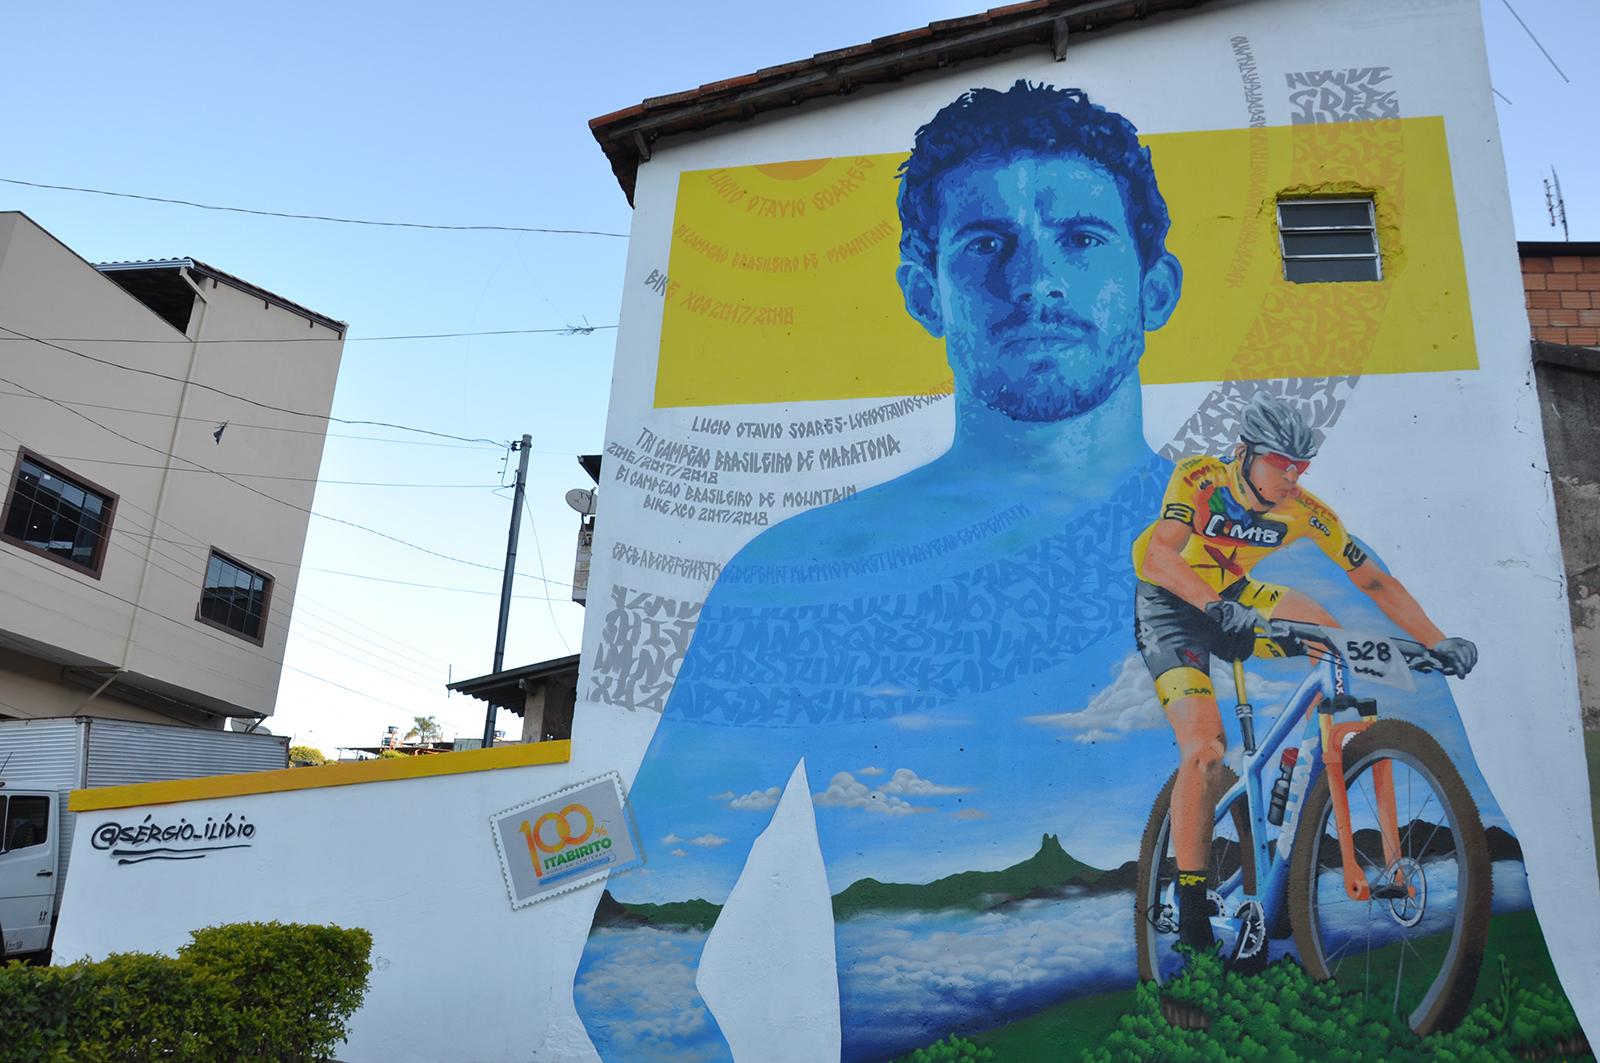 Ciclista Lúcio foi retratado pelo artista Sérgio Ilídio, no bairro Santo Antônio (Créditos: SECOM/PMI)